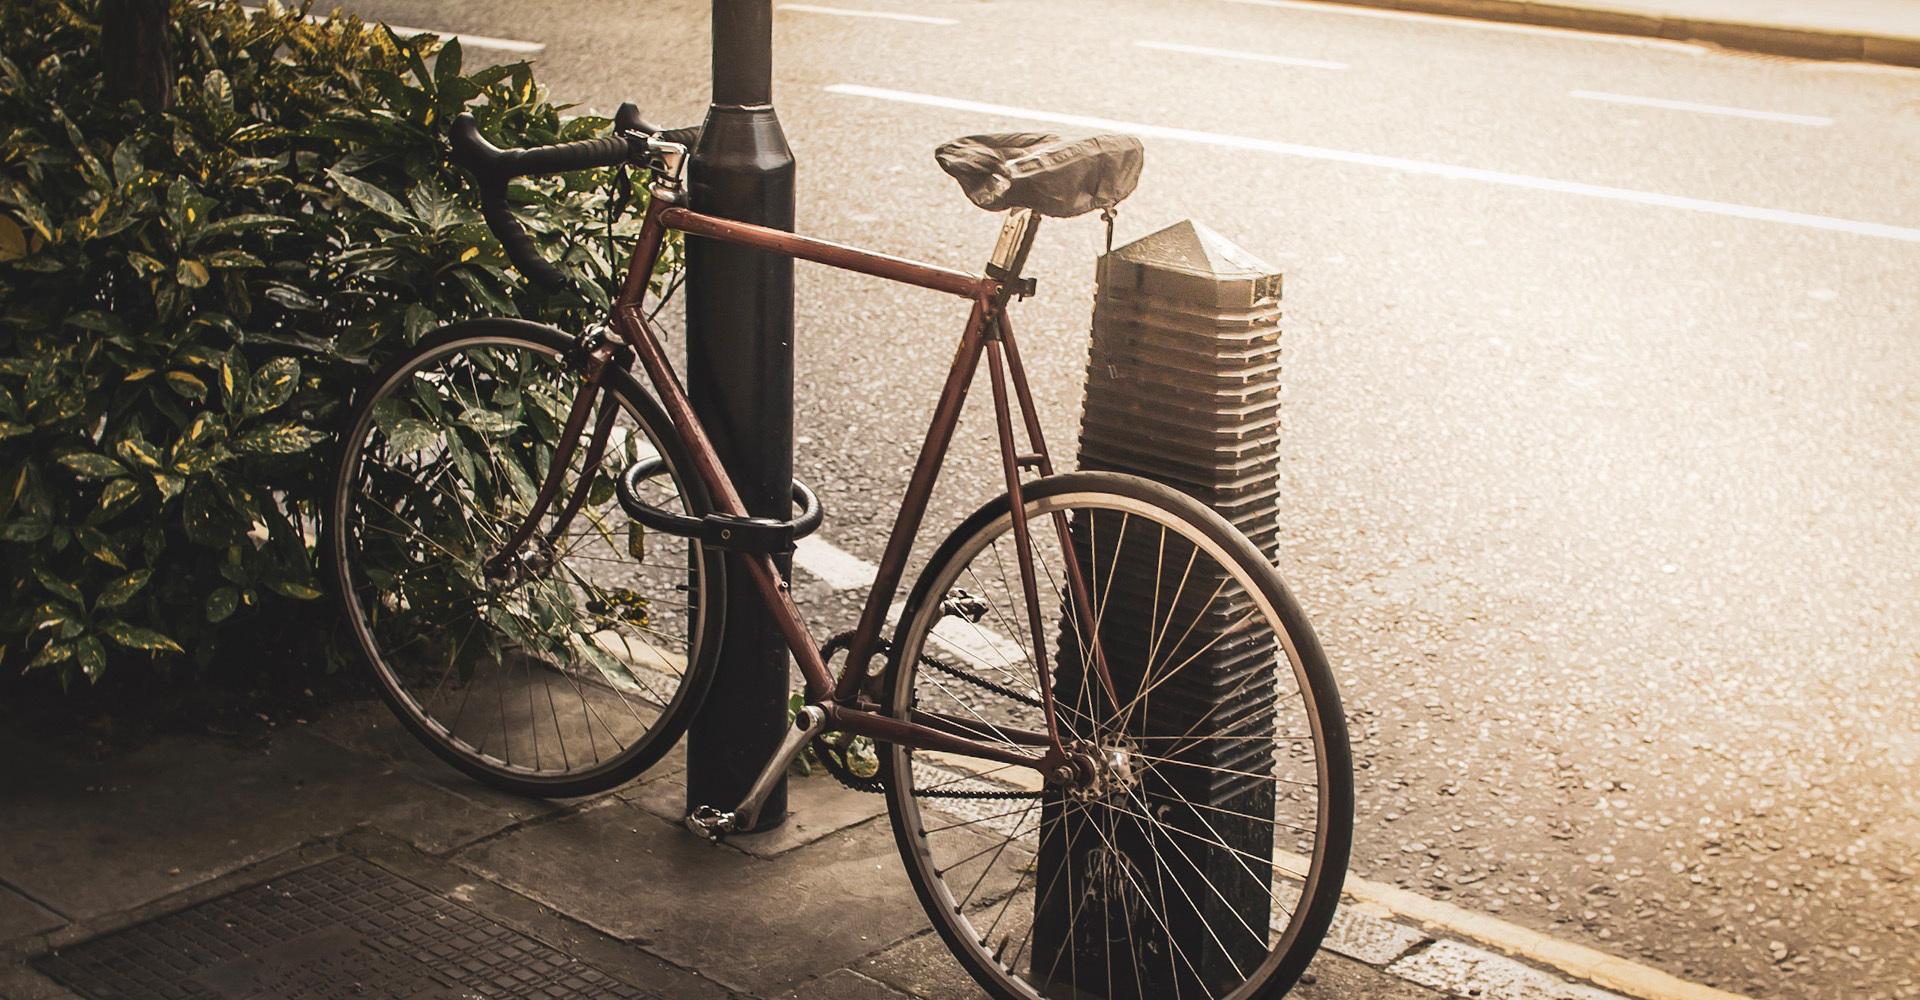 Fahrrad an Laternenpfahl gesichert